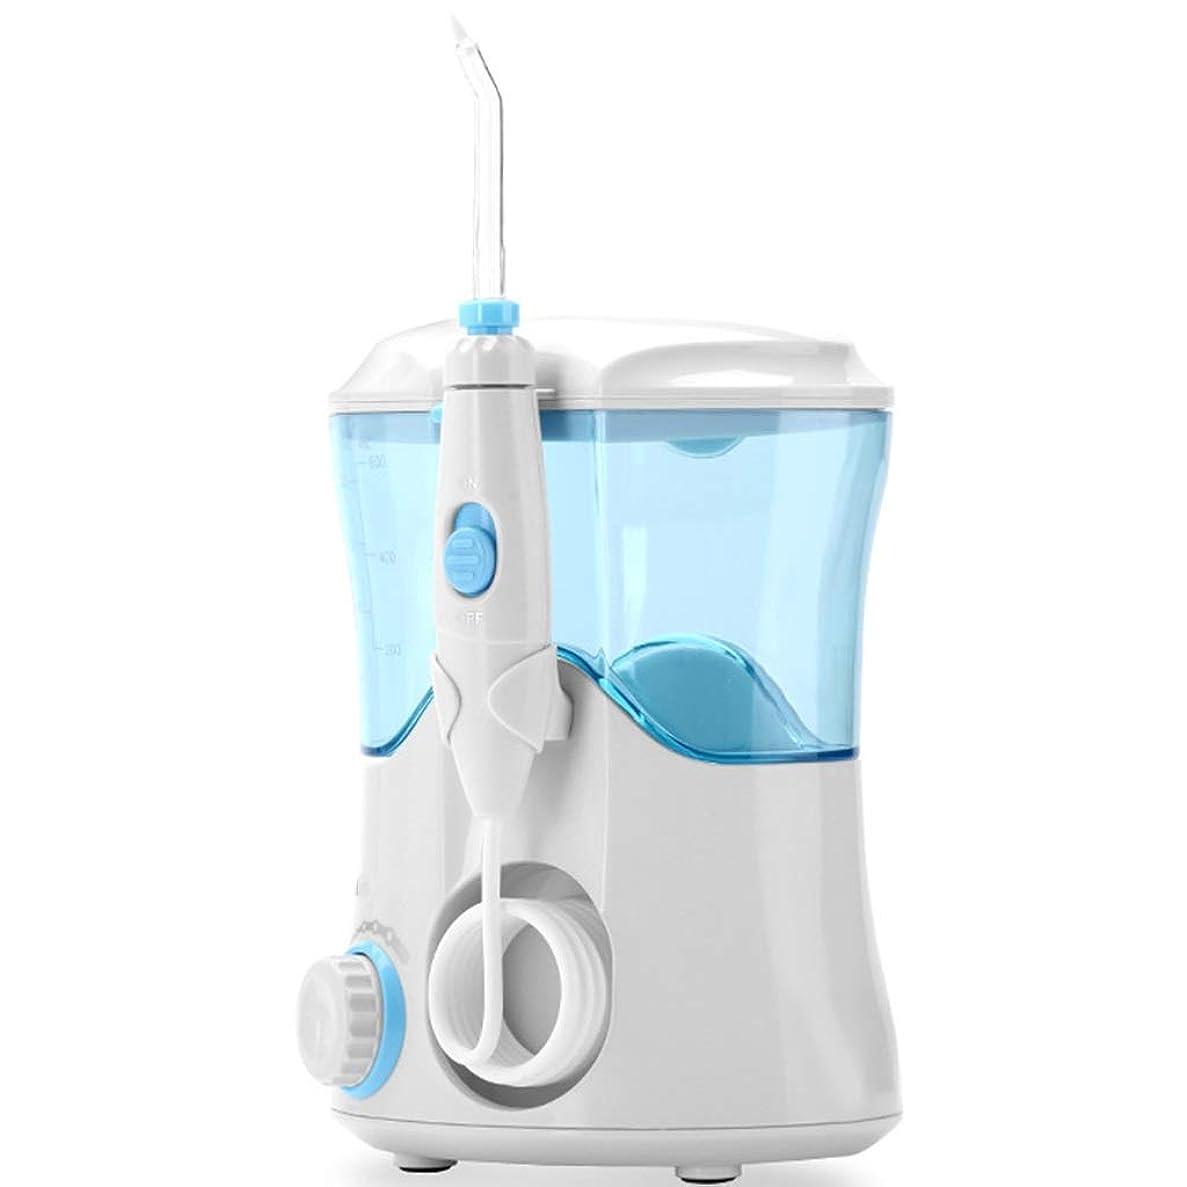 赤外線必要性エネルギープロのコードレス歯科用口腔洗浄器 - ポータブルおよび充電式IPX7は、家庭用および旅行用の洗浄可能な水タンクで3モードのフロスを防水、ブレース、ブリッジのお手入れ (Color : Black)